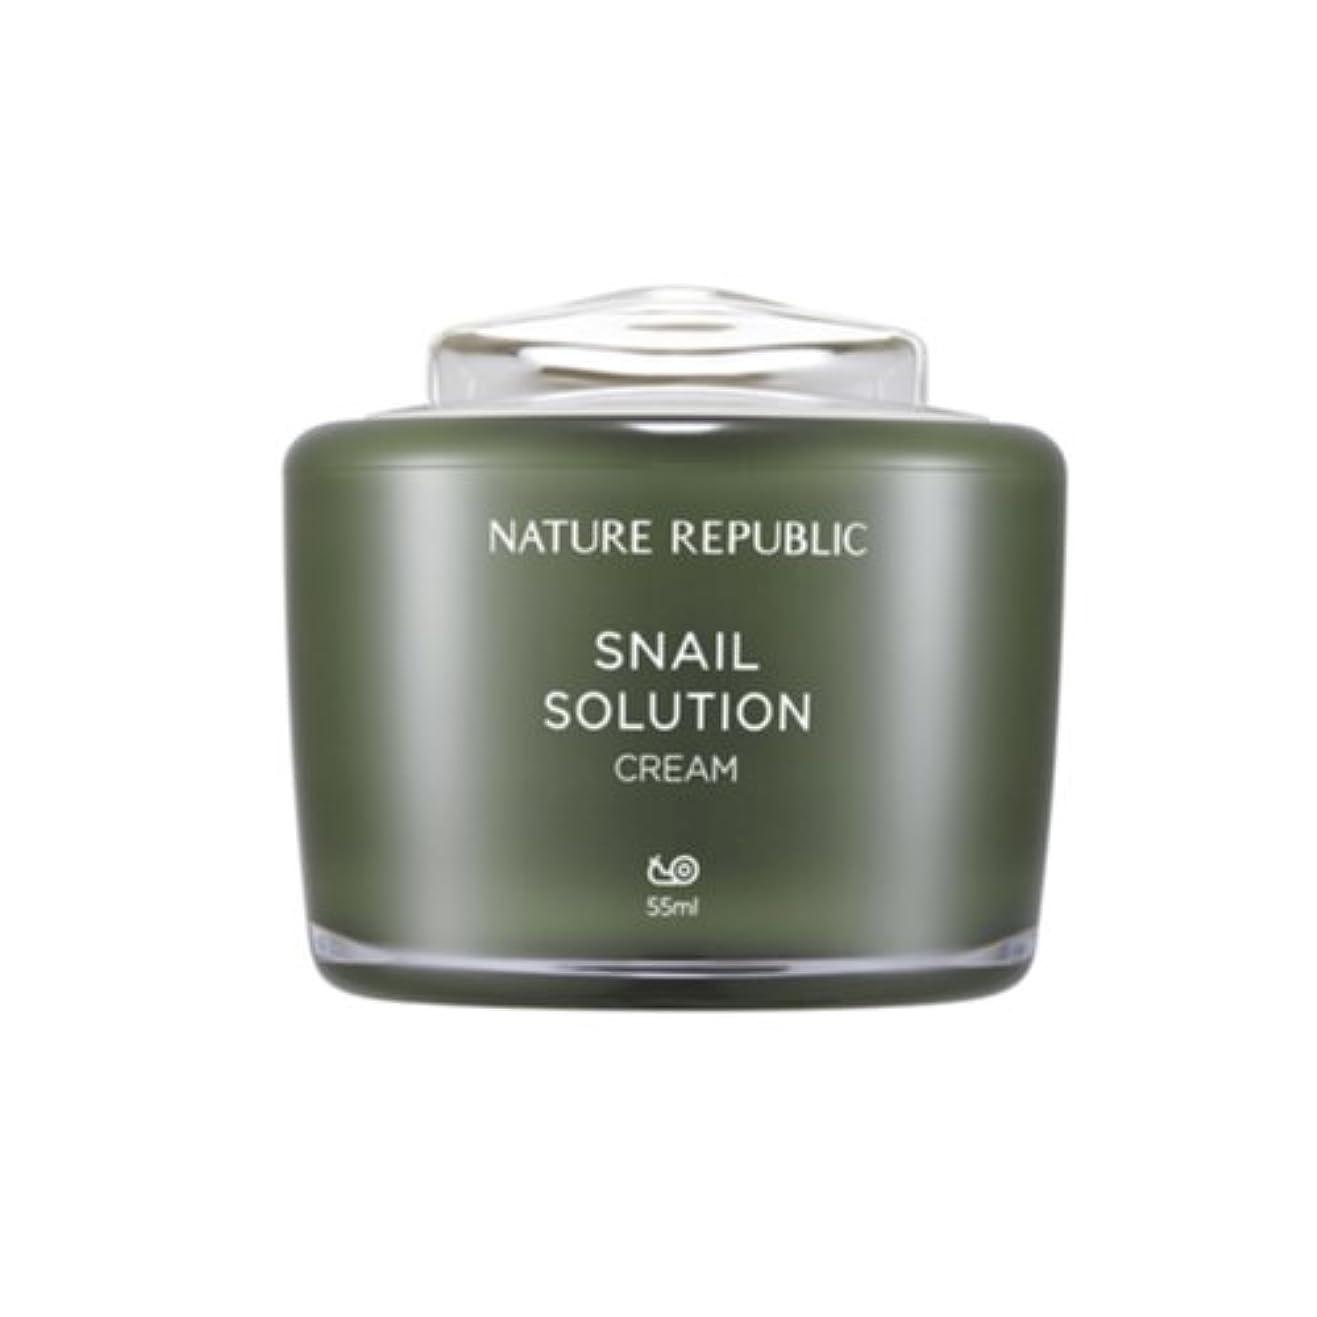 アプローチ父方の出撃者[ネイチャーリパブリック] Nature republicスネイルソリューションクリーム海外直送品(Snail Solution Cream) [並行輸入品]